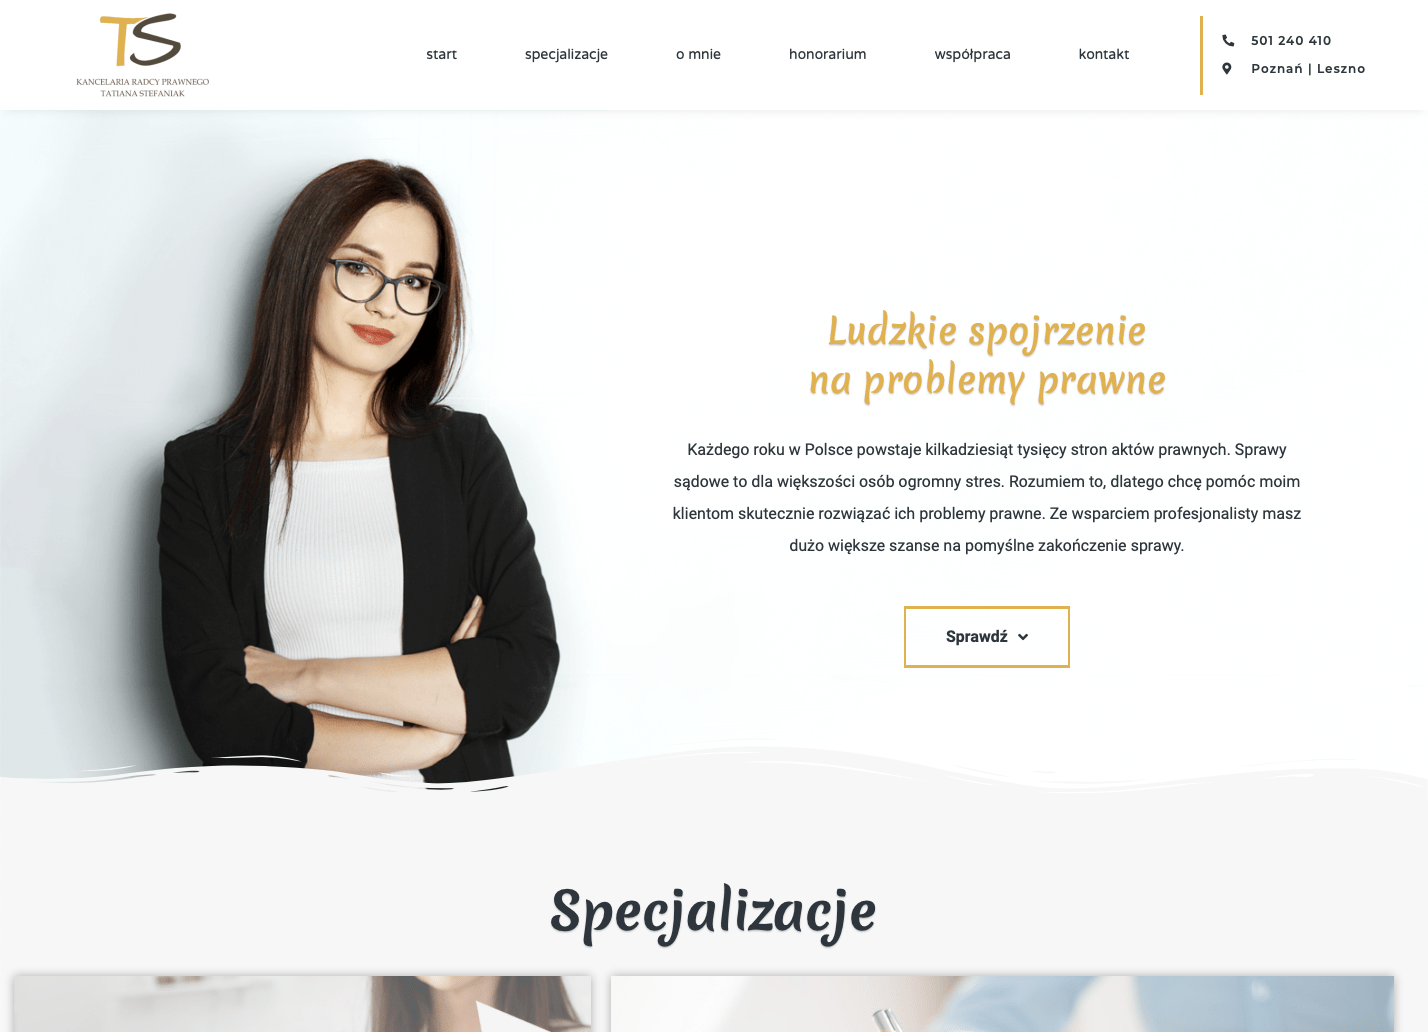 Realizacja strony internetowej - kancelariastefaniak.pl